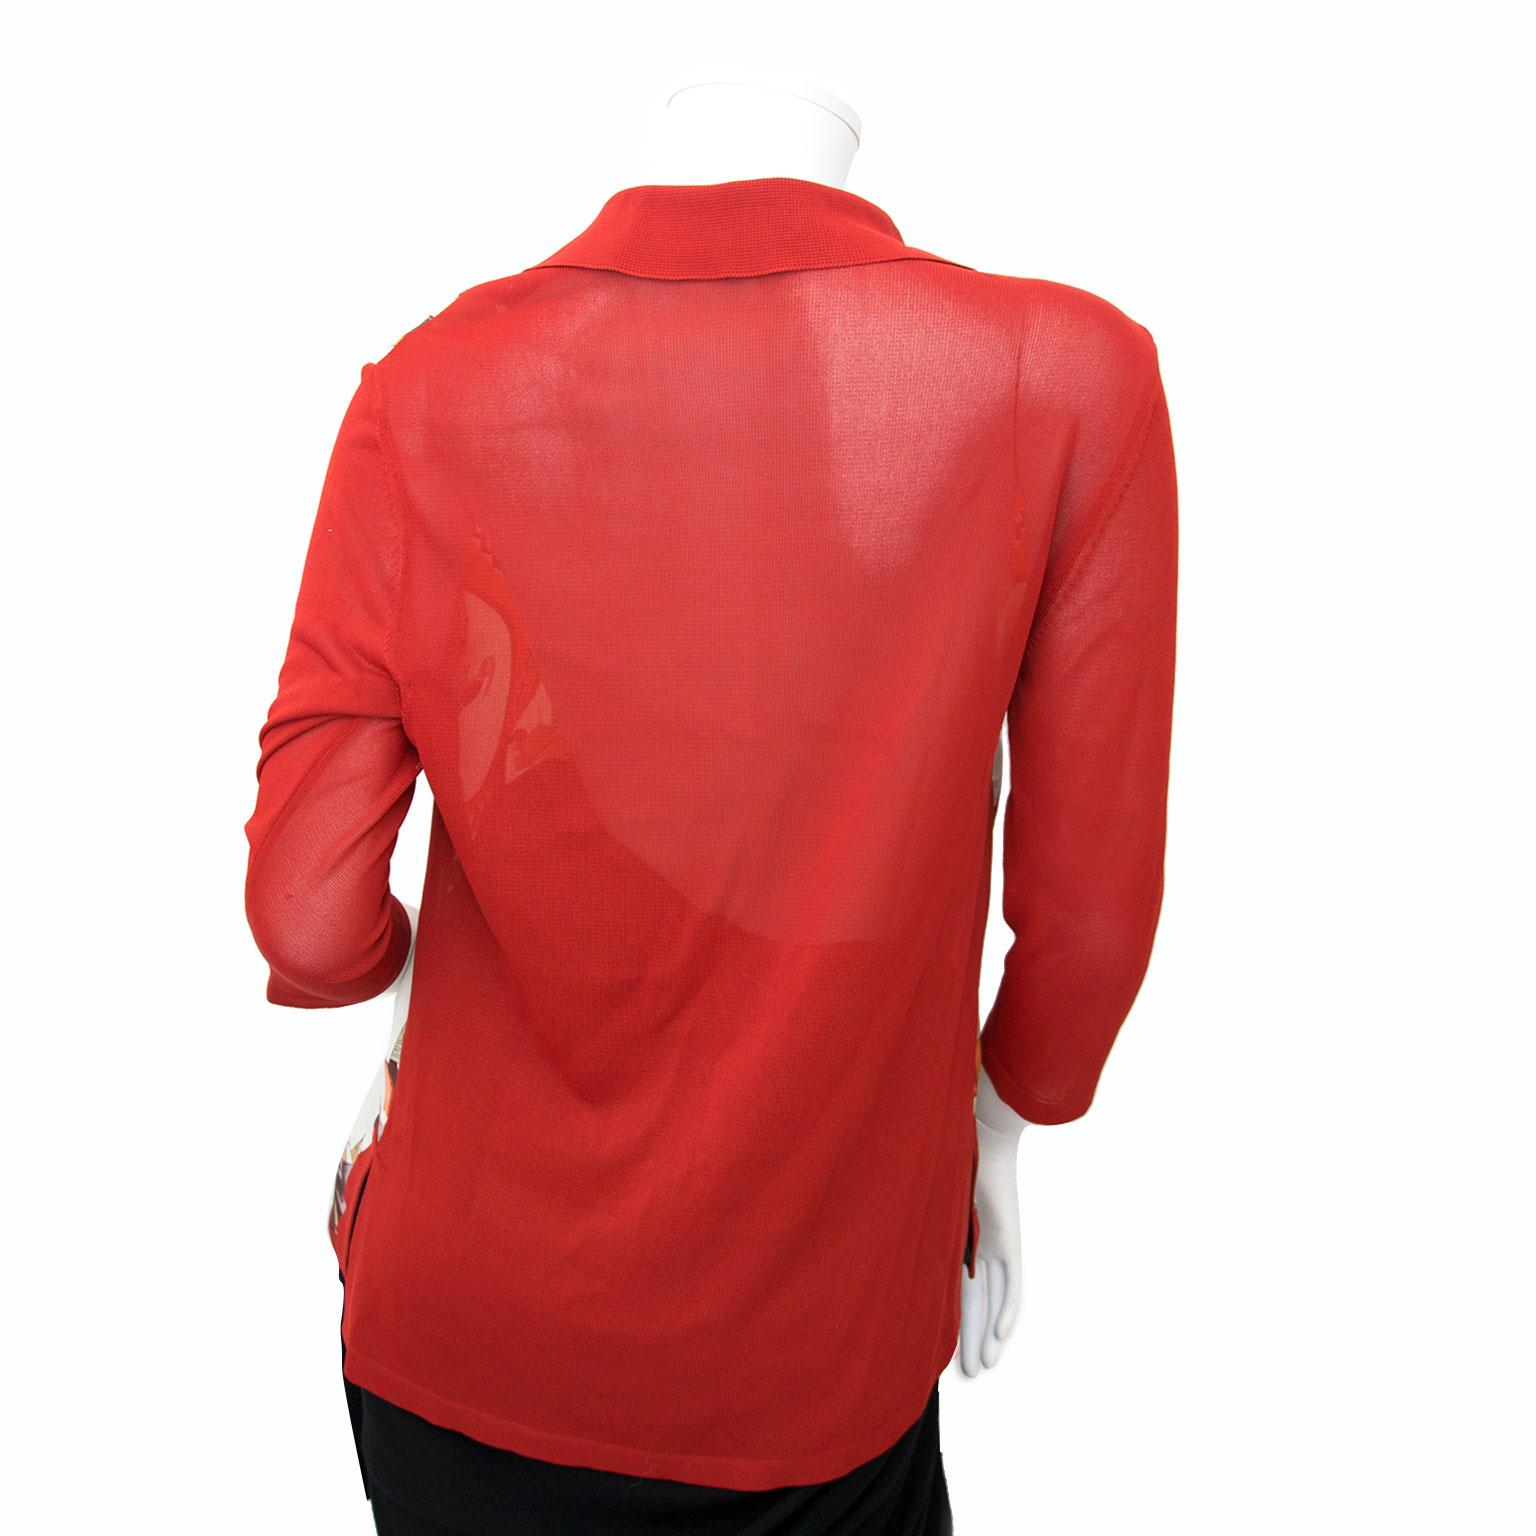 Hermès hemd tegen de beste prijs bij labellov.com veilig online shoppen